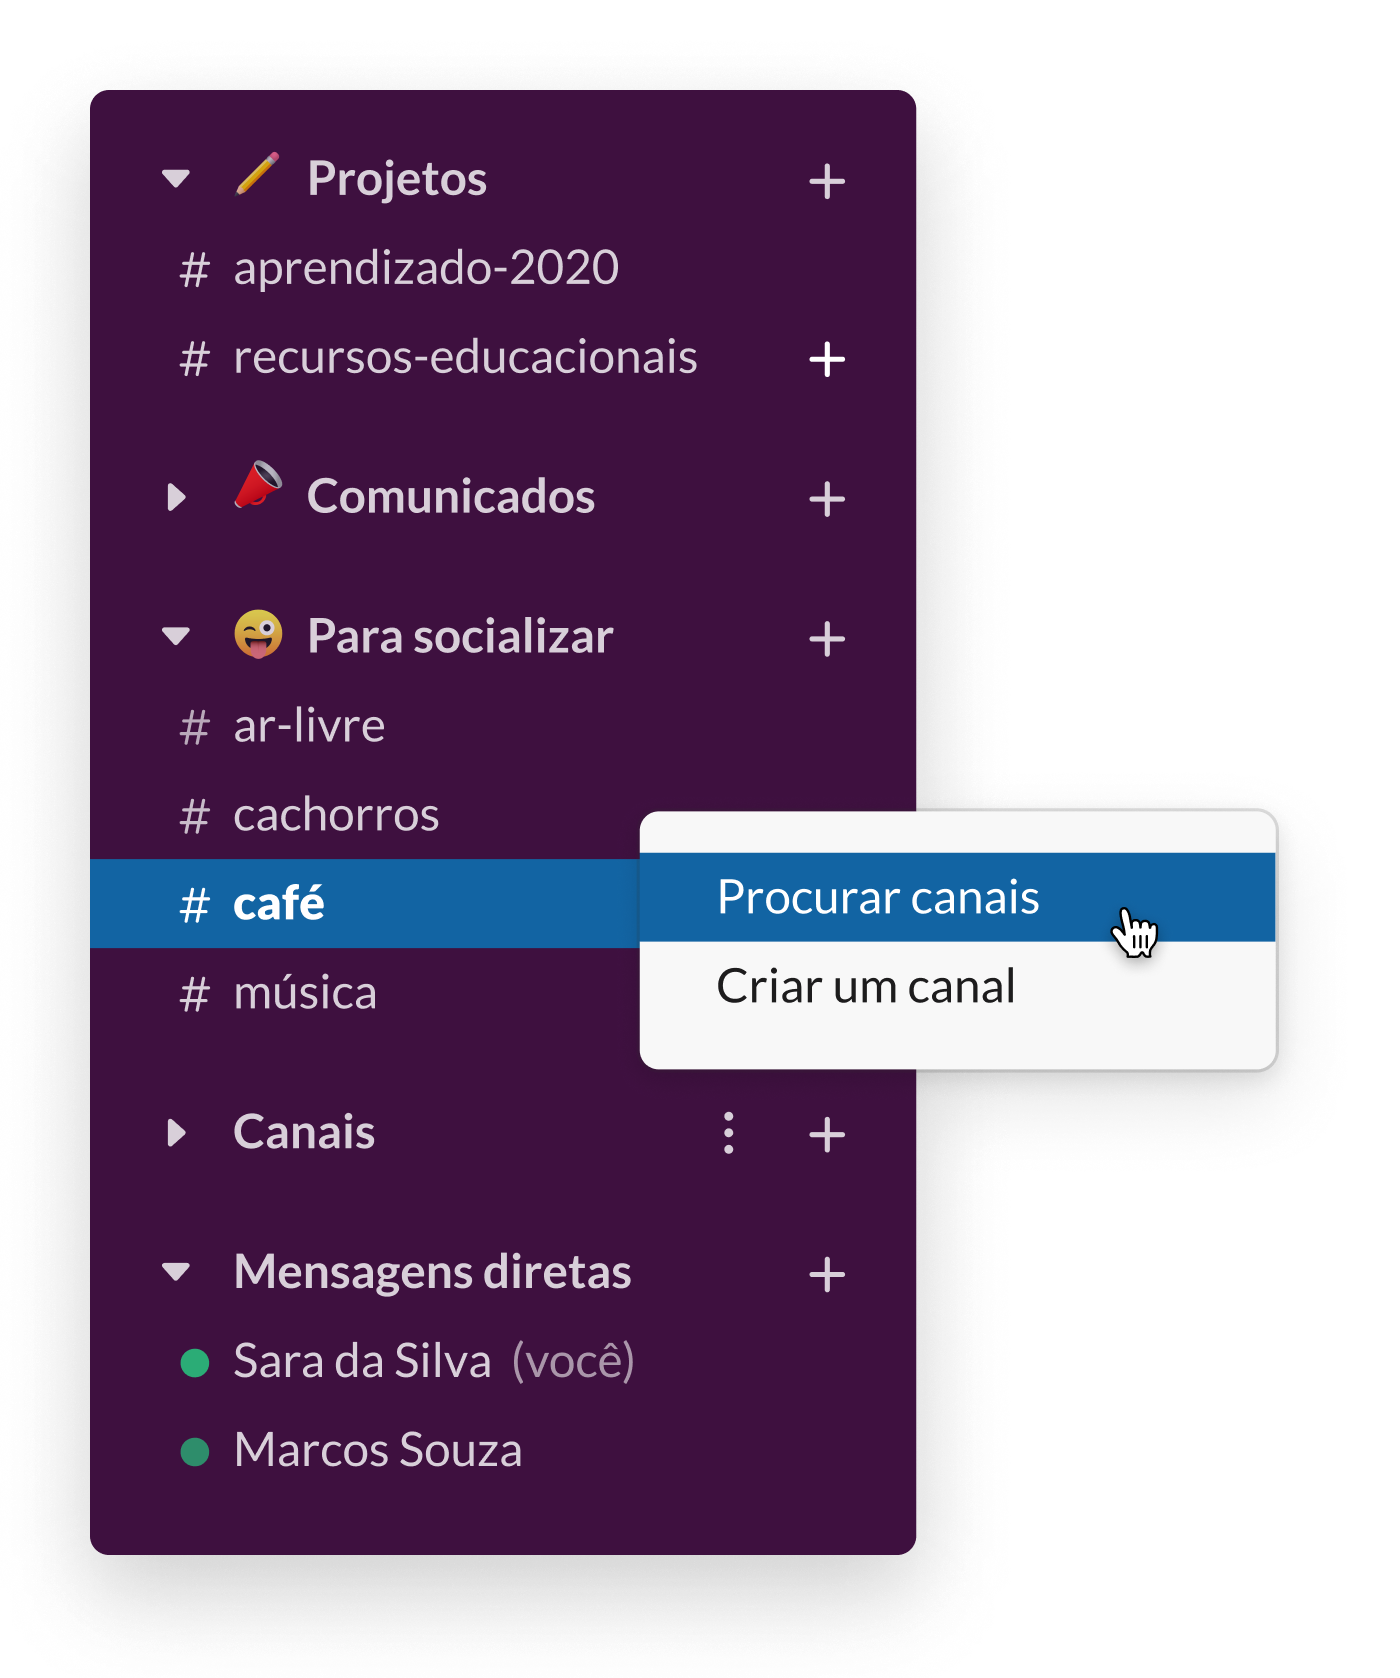 Uma barra lateral do Slack mostrando vários canais sociais, incluindo #café e #cachorros